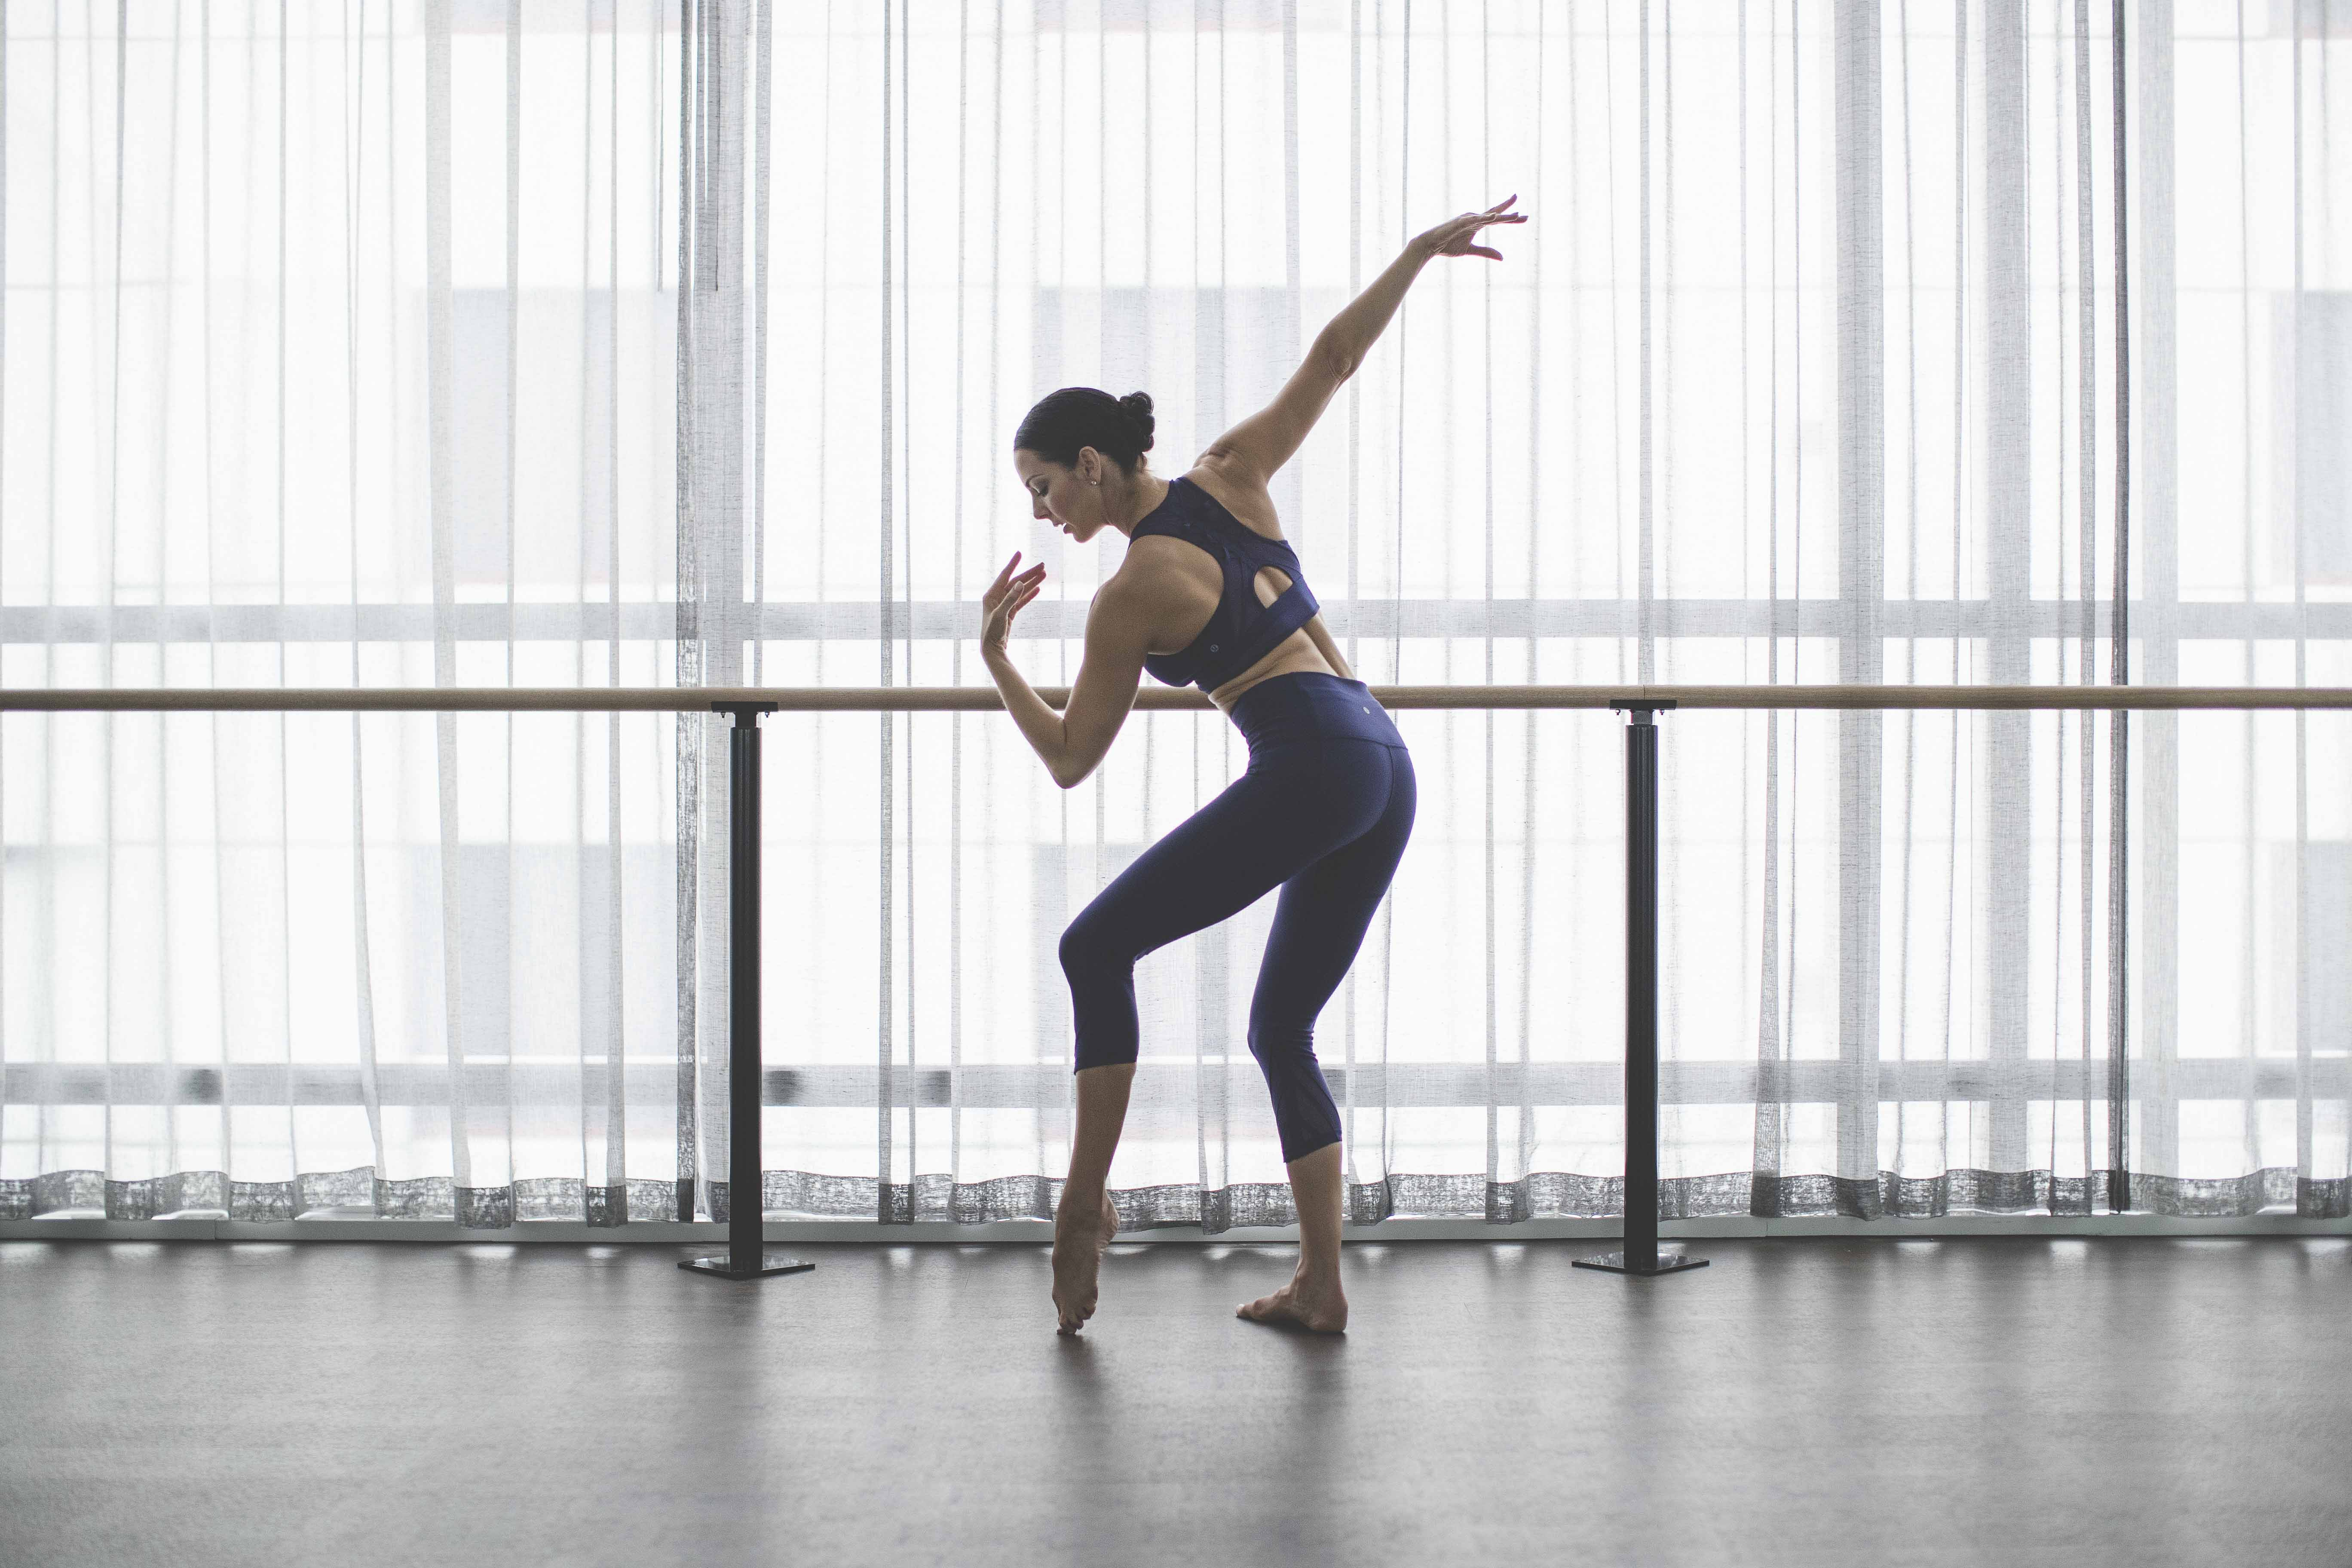 fullrez-2016_wk35_sec1_1249_lulu_aus_mk_womens_essential_rhythm_dance_barre_workout_4322